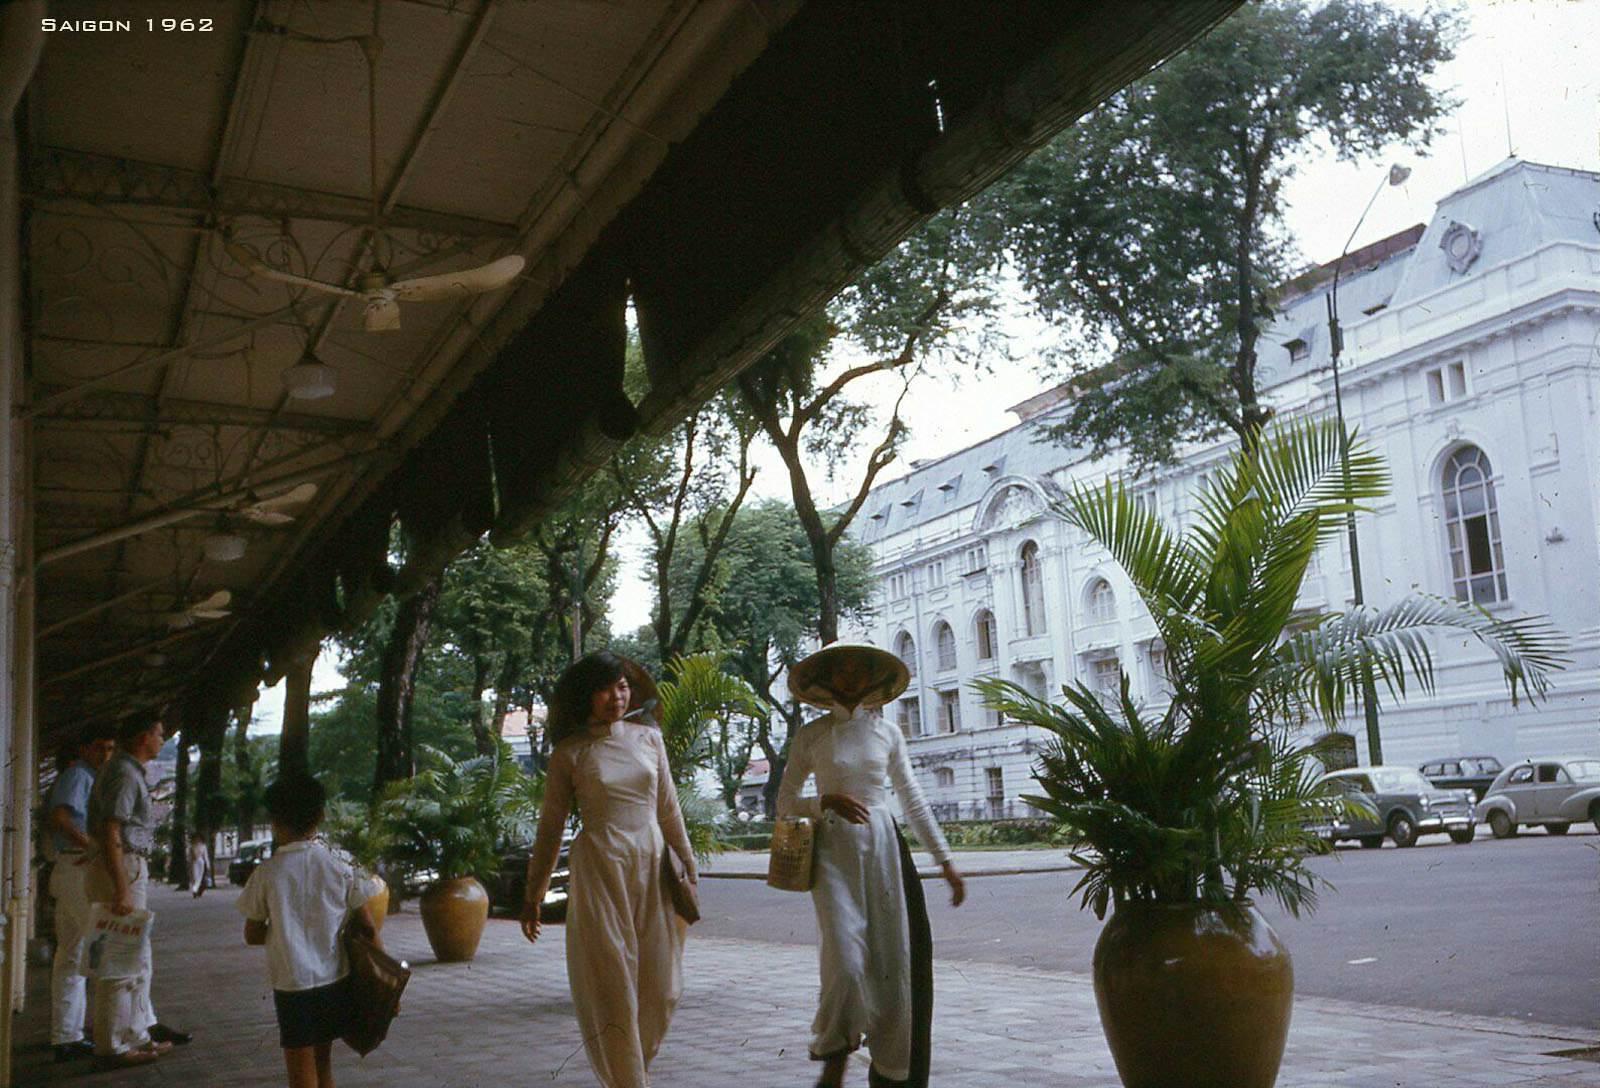 Hai thiếu nữ mặc áo dài tản bộ trên đường Tự Do (nay là Đồng Khởi)